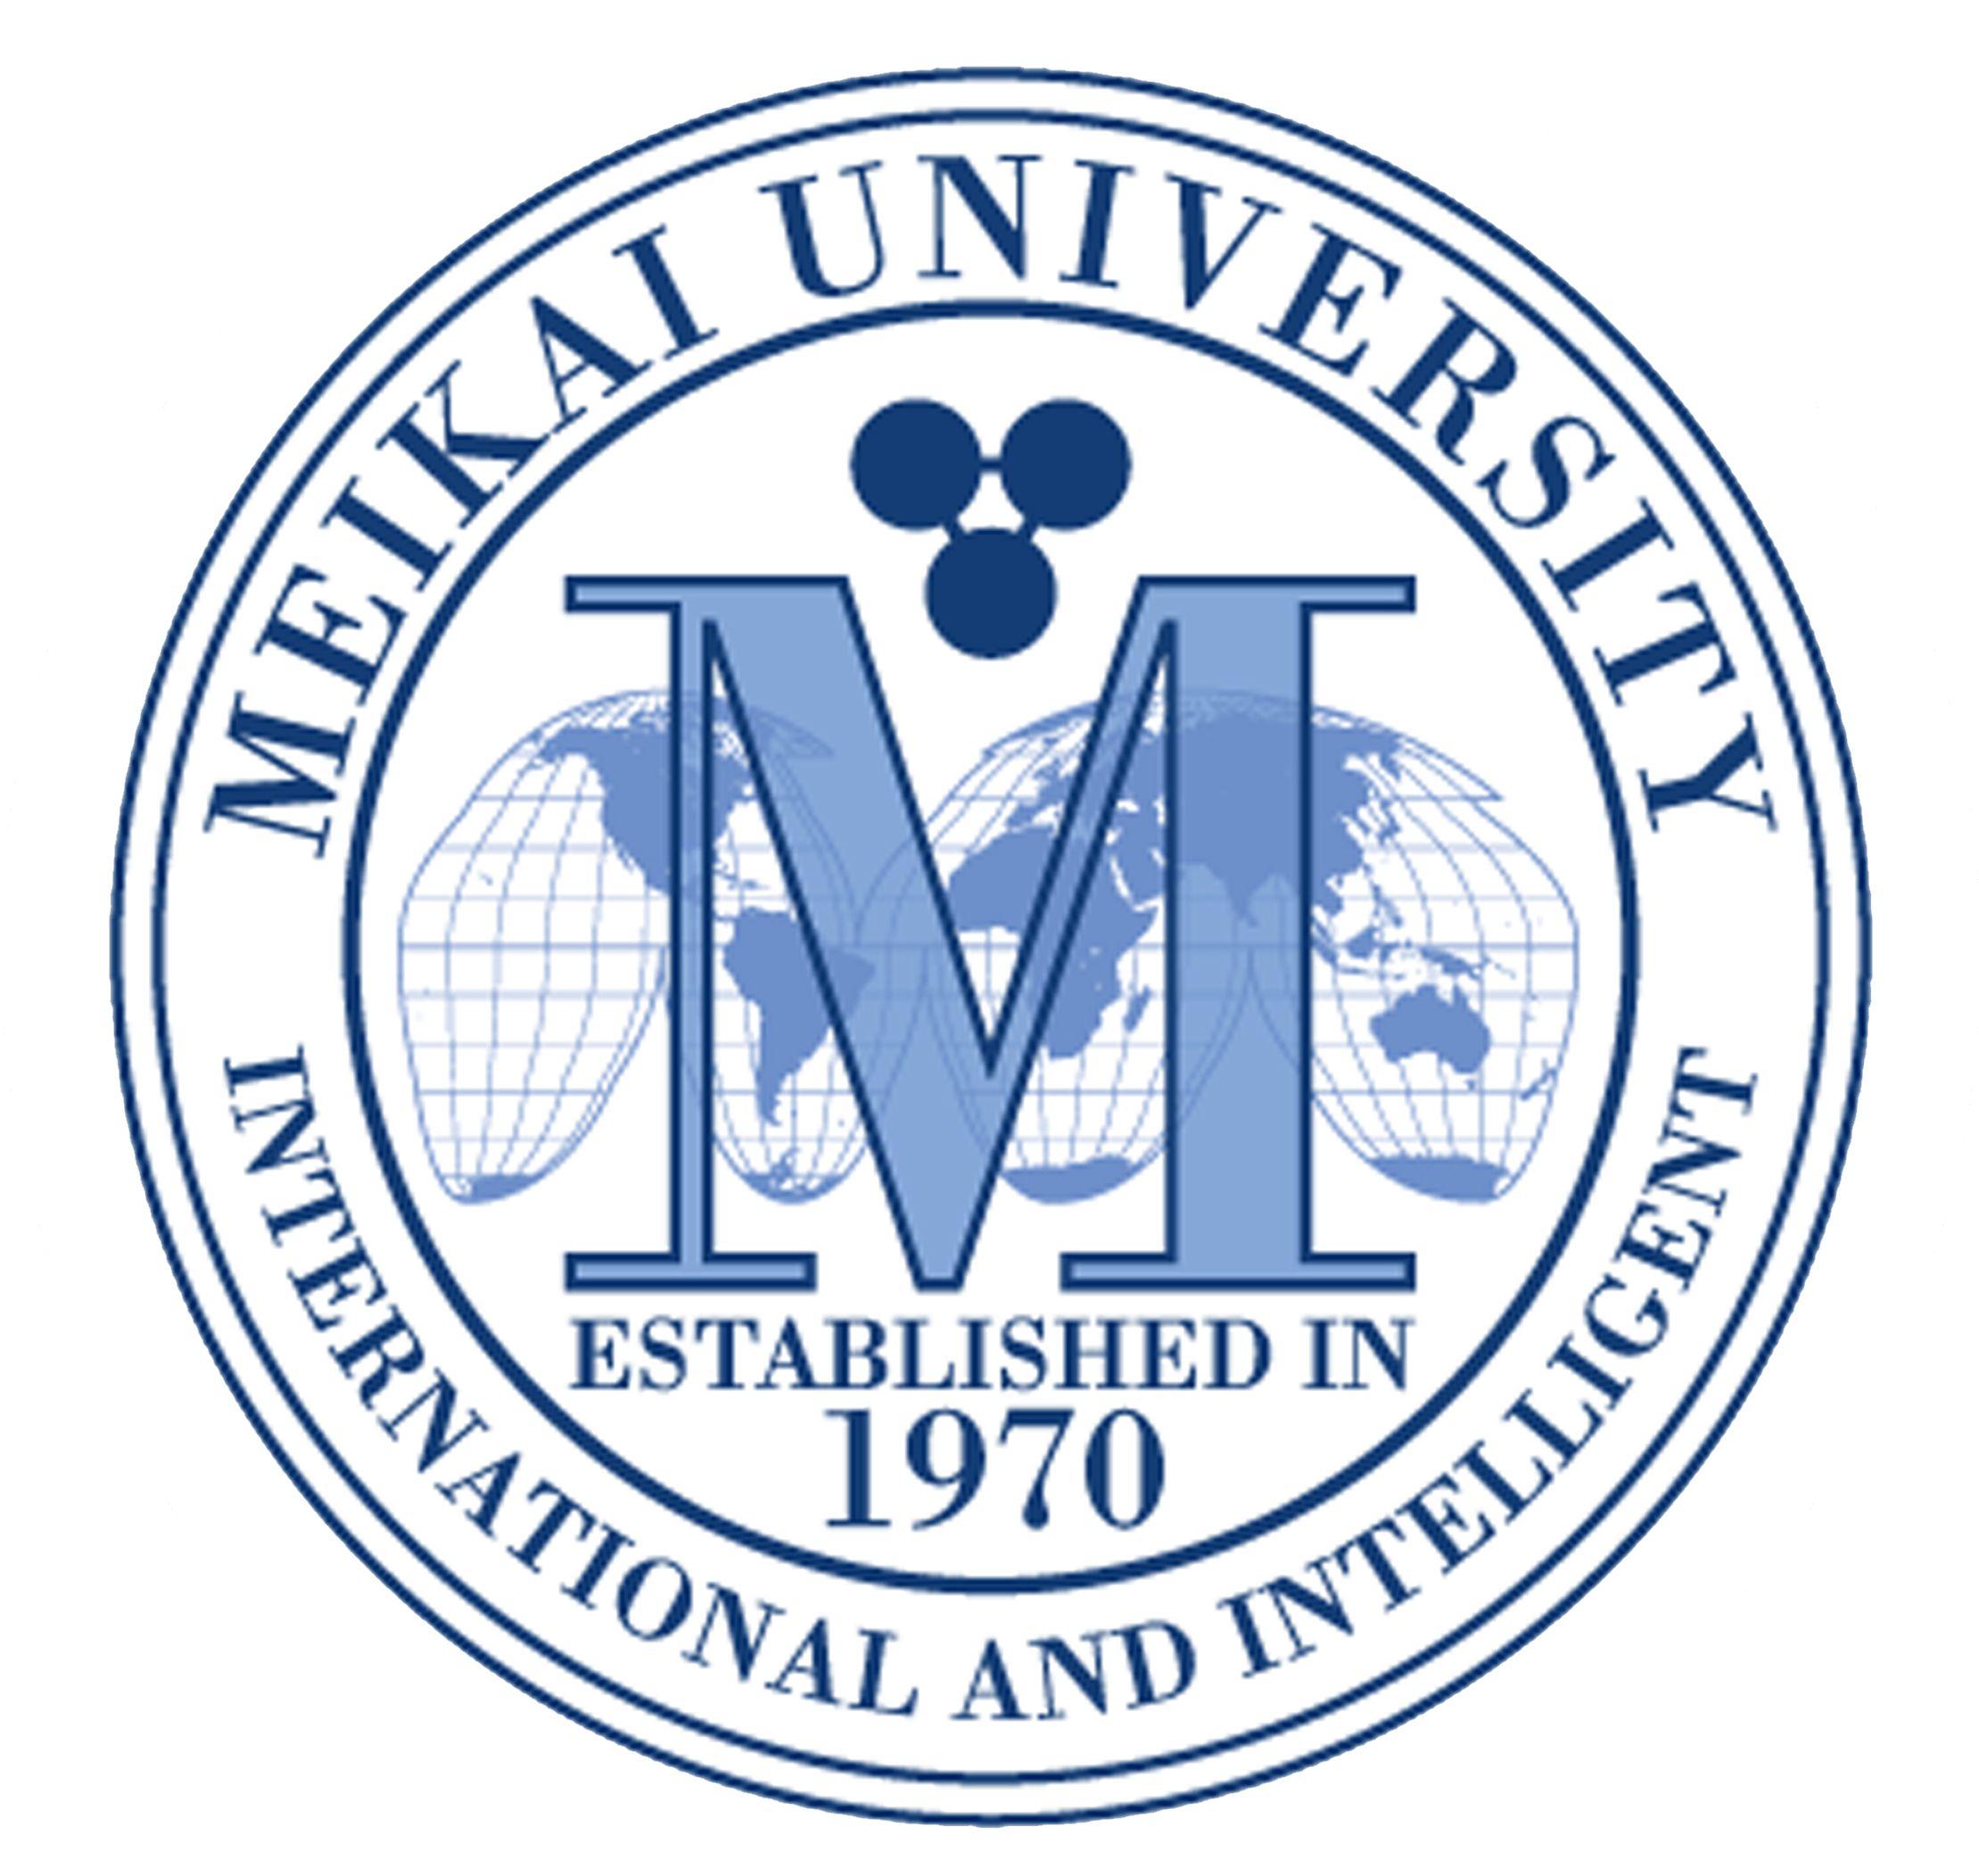 明海大学の画像です